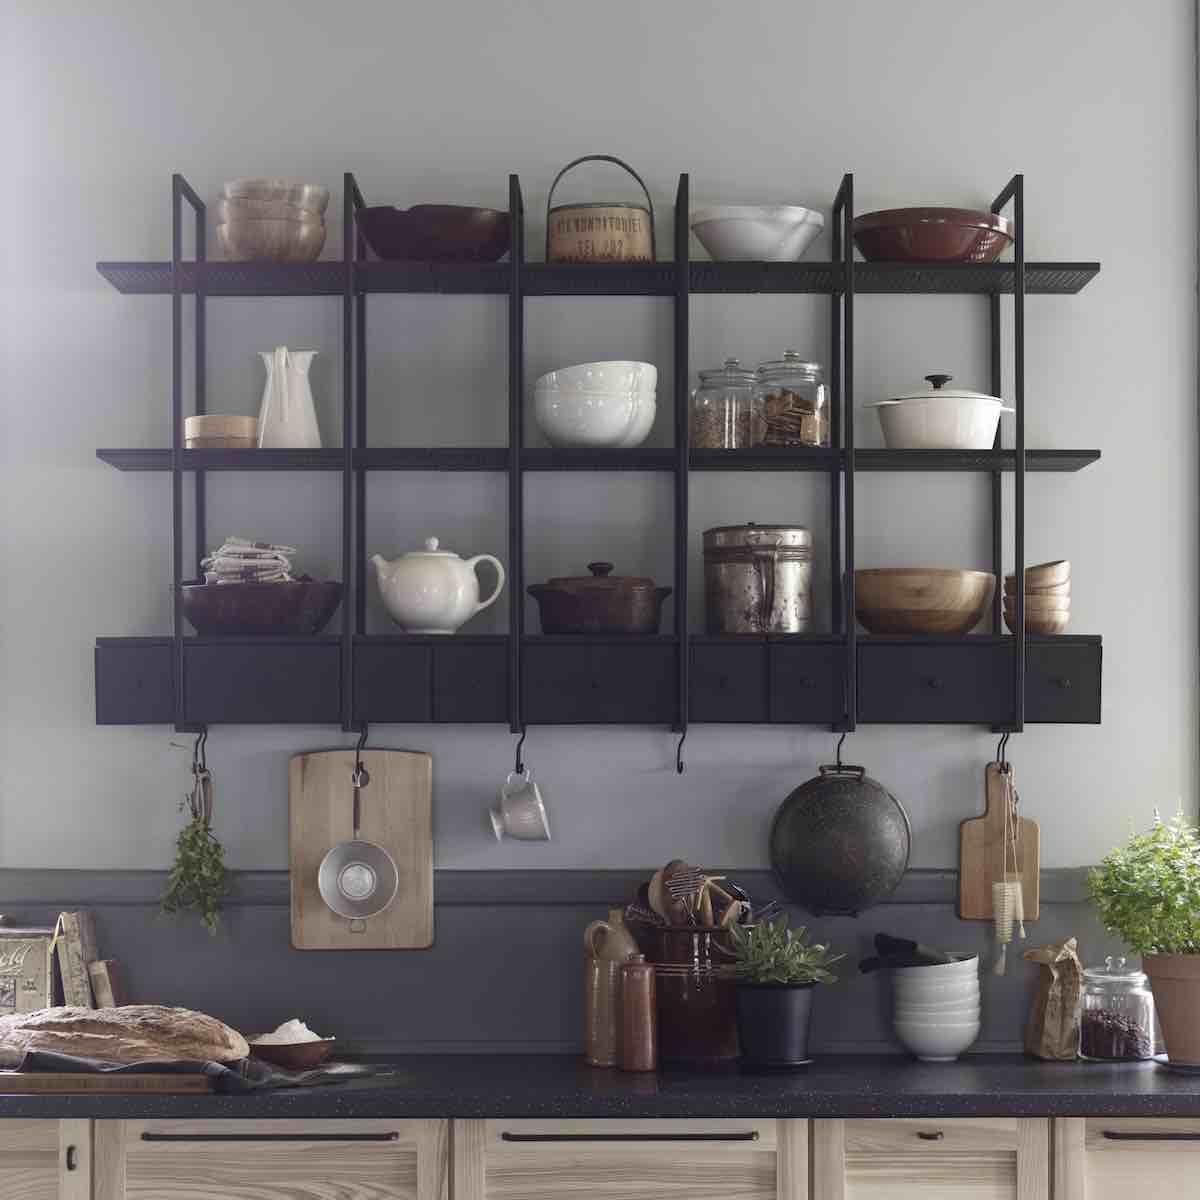 IKEA Küche - Neuheiten 2016 - Designs2love